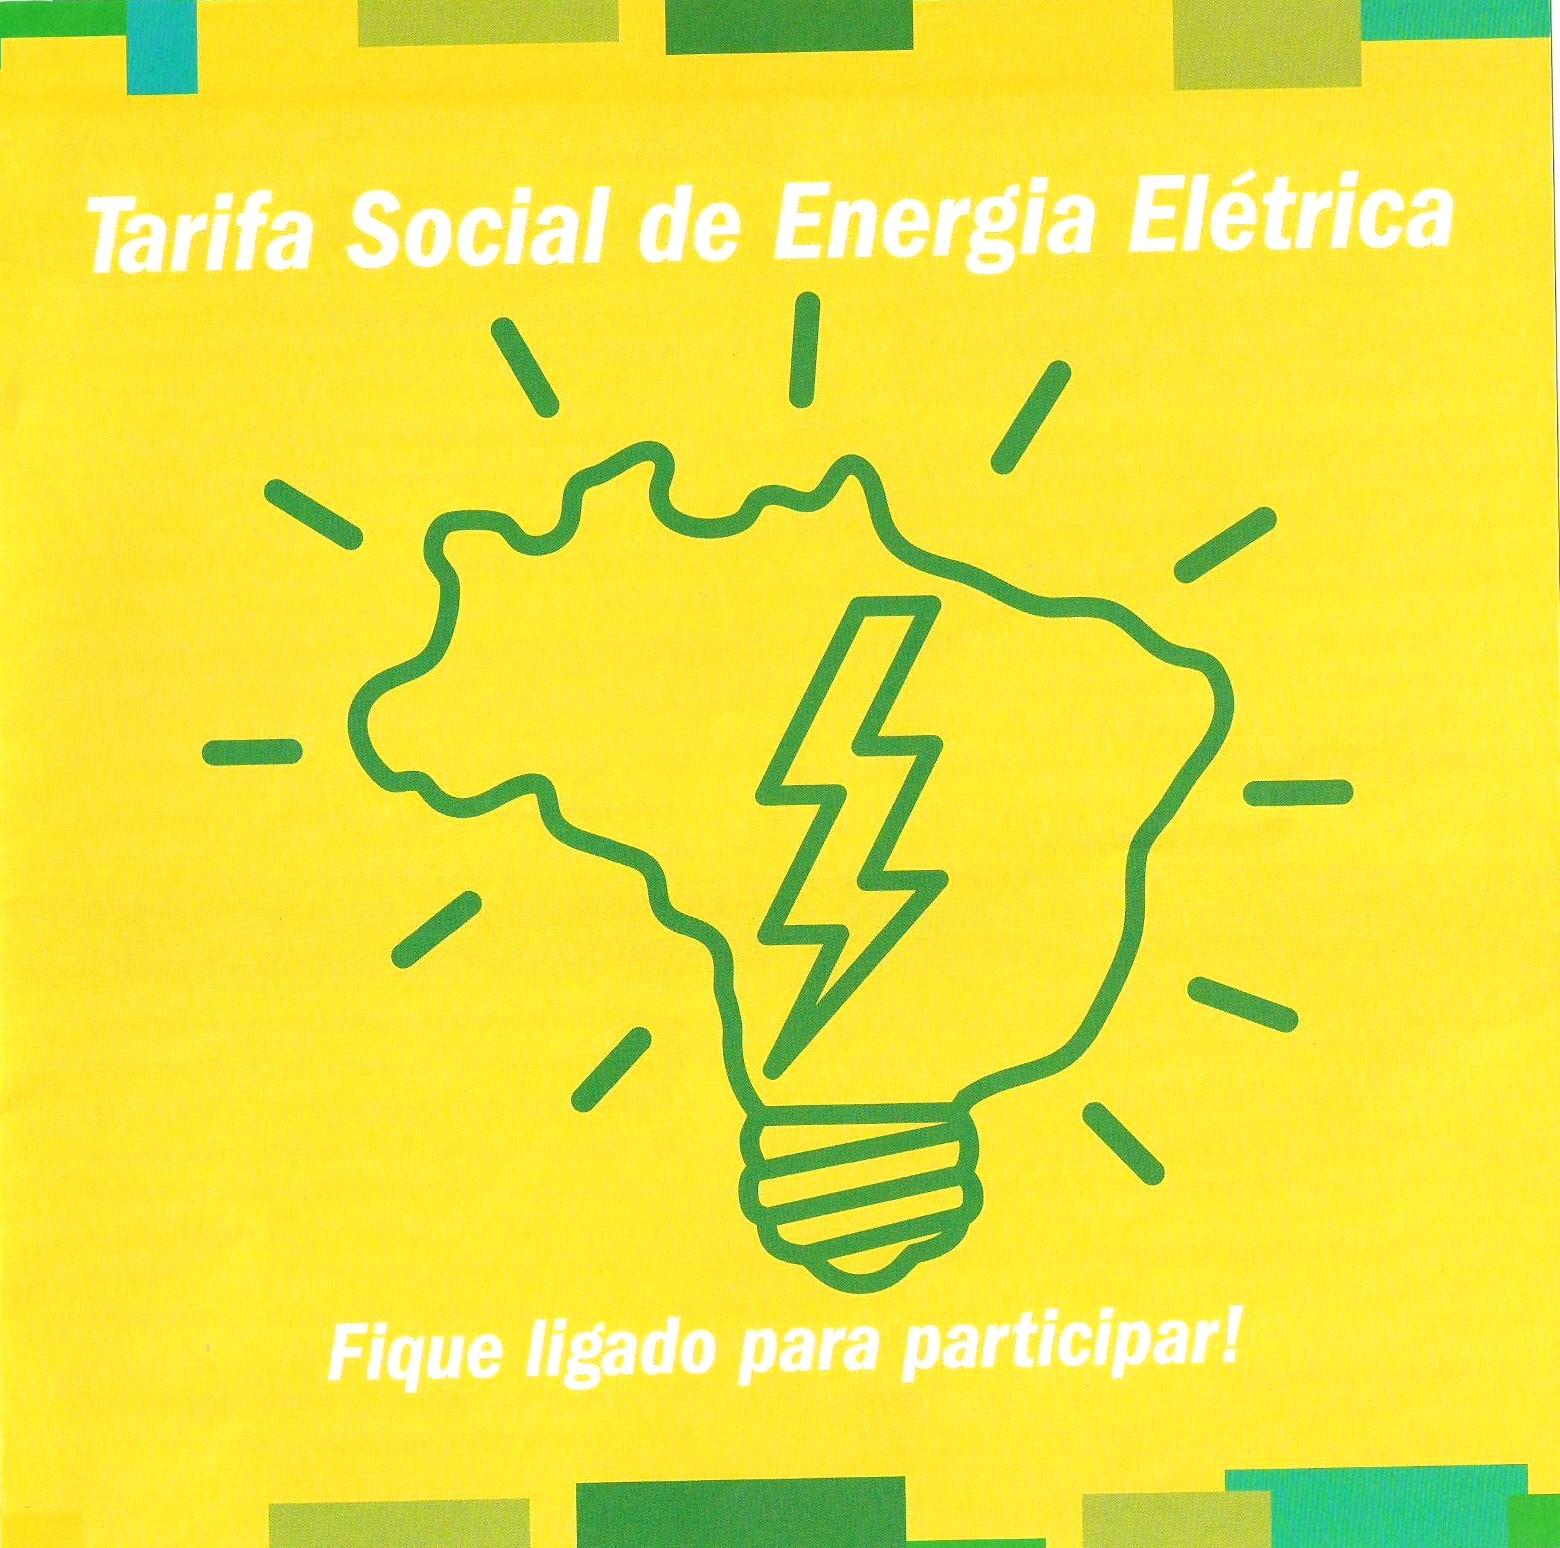 Desconto na conta de energia para famílias de baixa renda